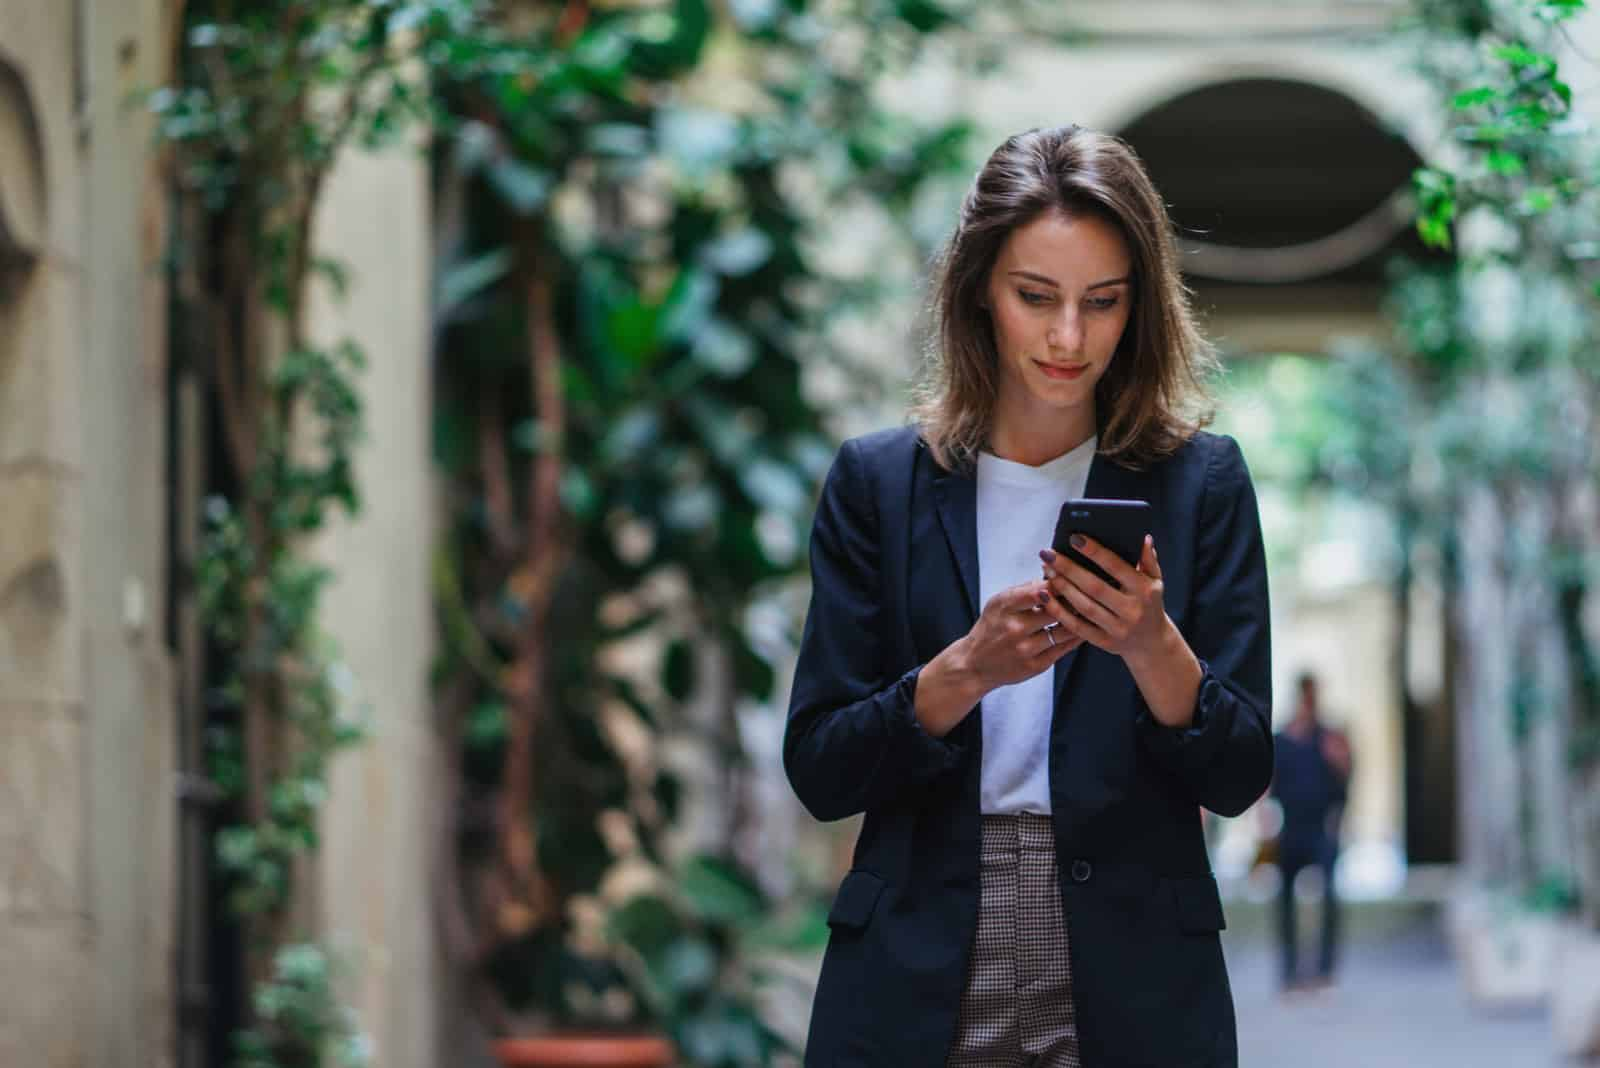 Une femme aux cheveux bruns debout dans la rue et en appuyant sur un téléphone